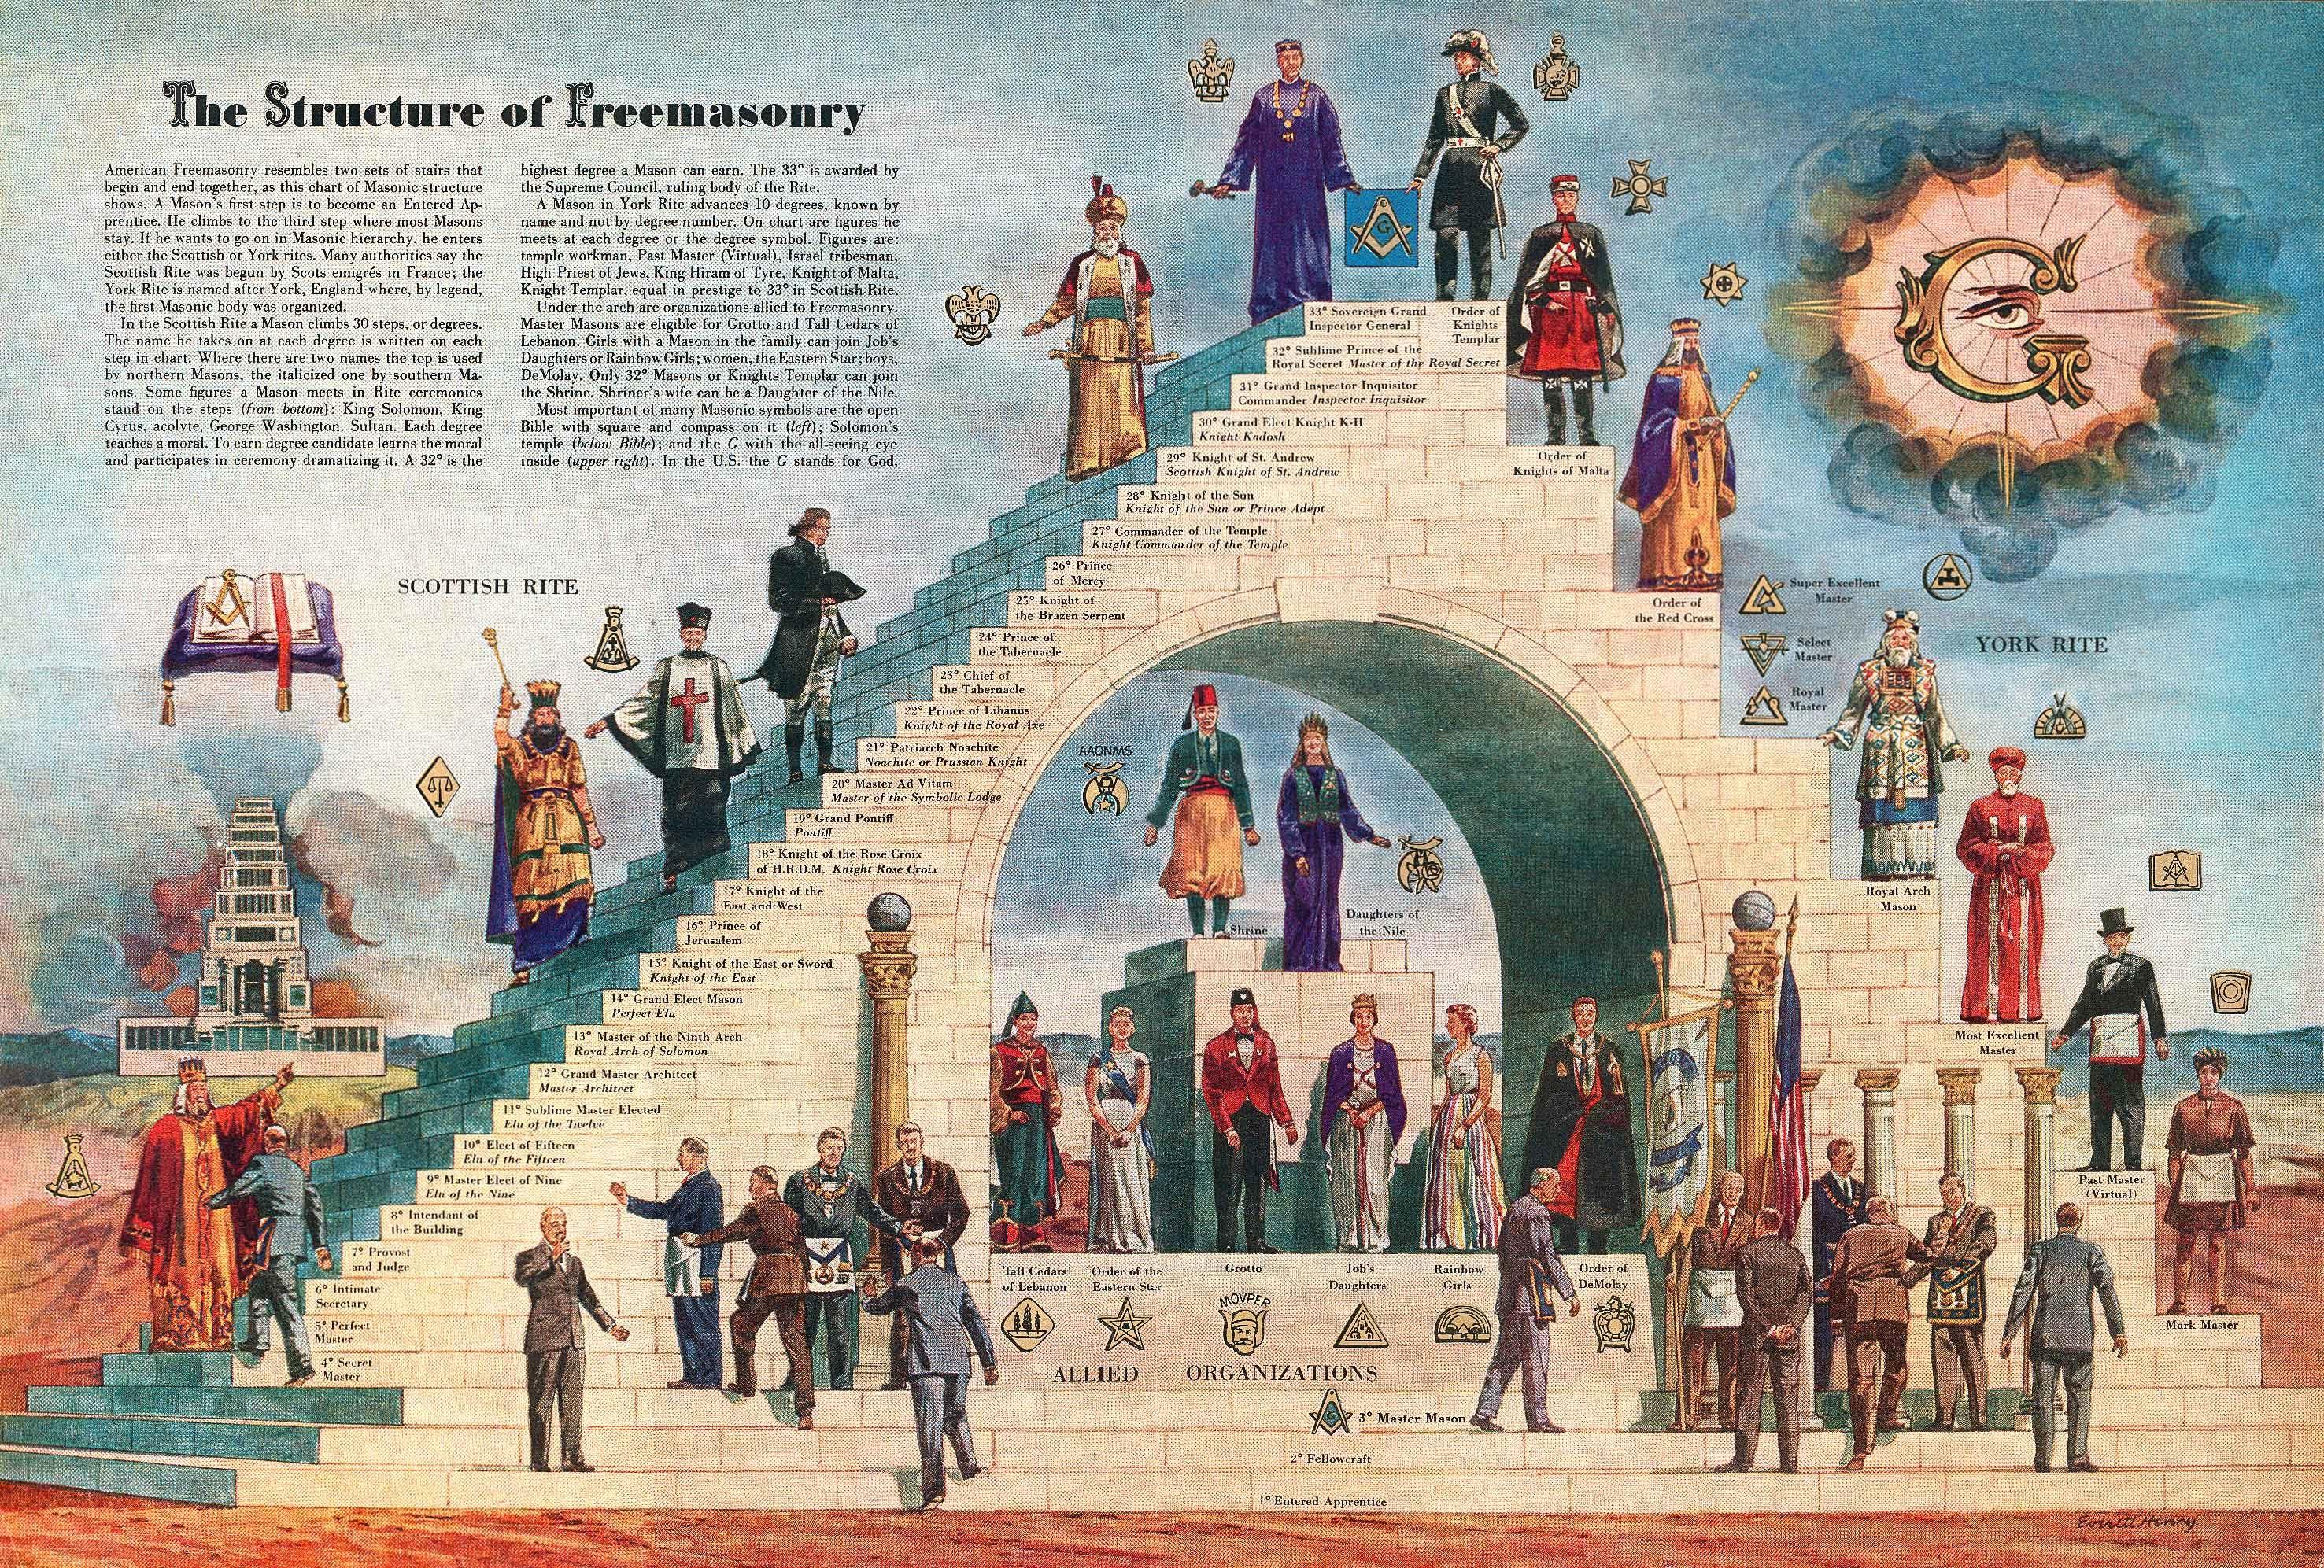 Giải mã biểu tượng của hội kín gây tò mò nhất thế giới